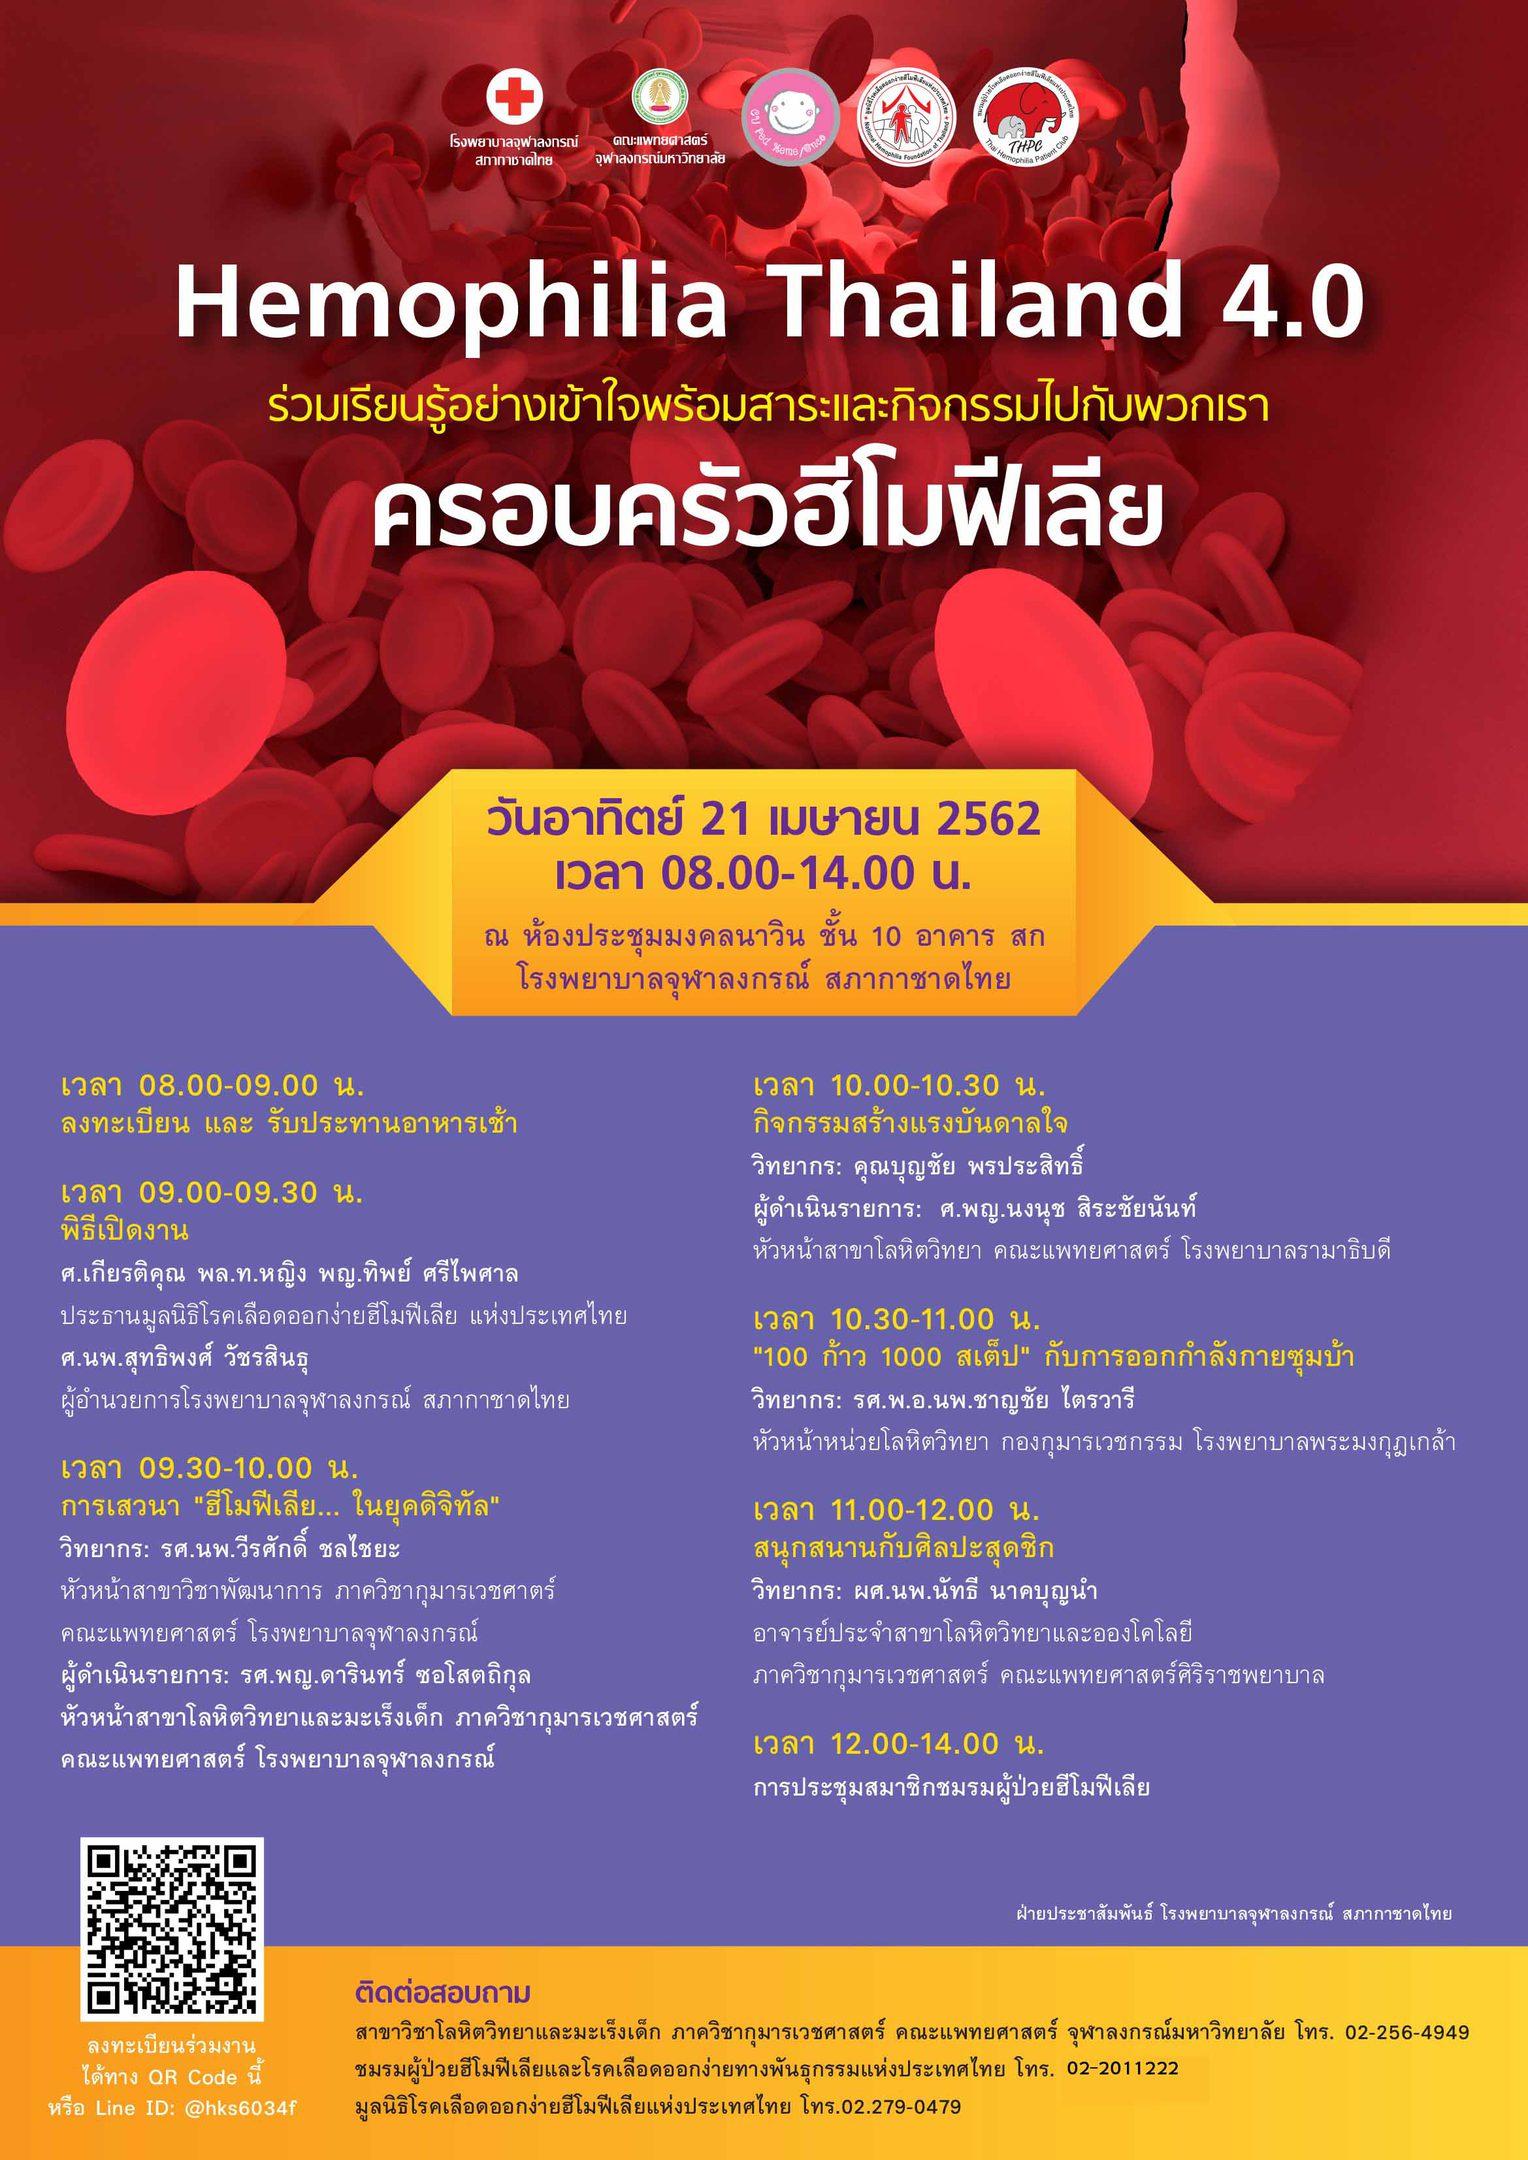 """โรงพยาบาลจุฬาลงกรณ์ จัดงาน """"Hemophilia Thailand 4.0"""" ให้ความรู้เกี่ยวกับการดูแลรักษาผู้ป่วยโรคเลือดออกง่ายหยุดยาก"""